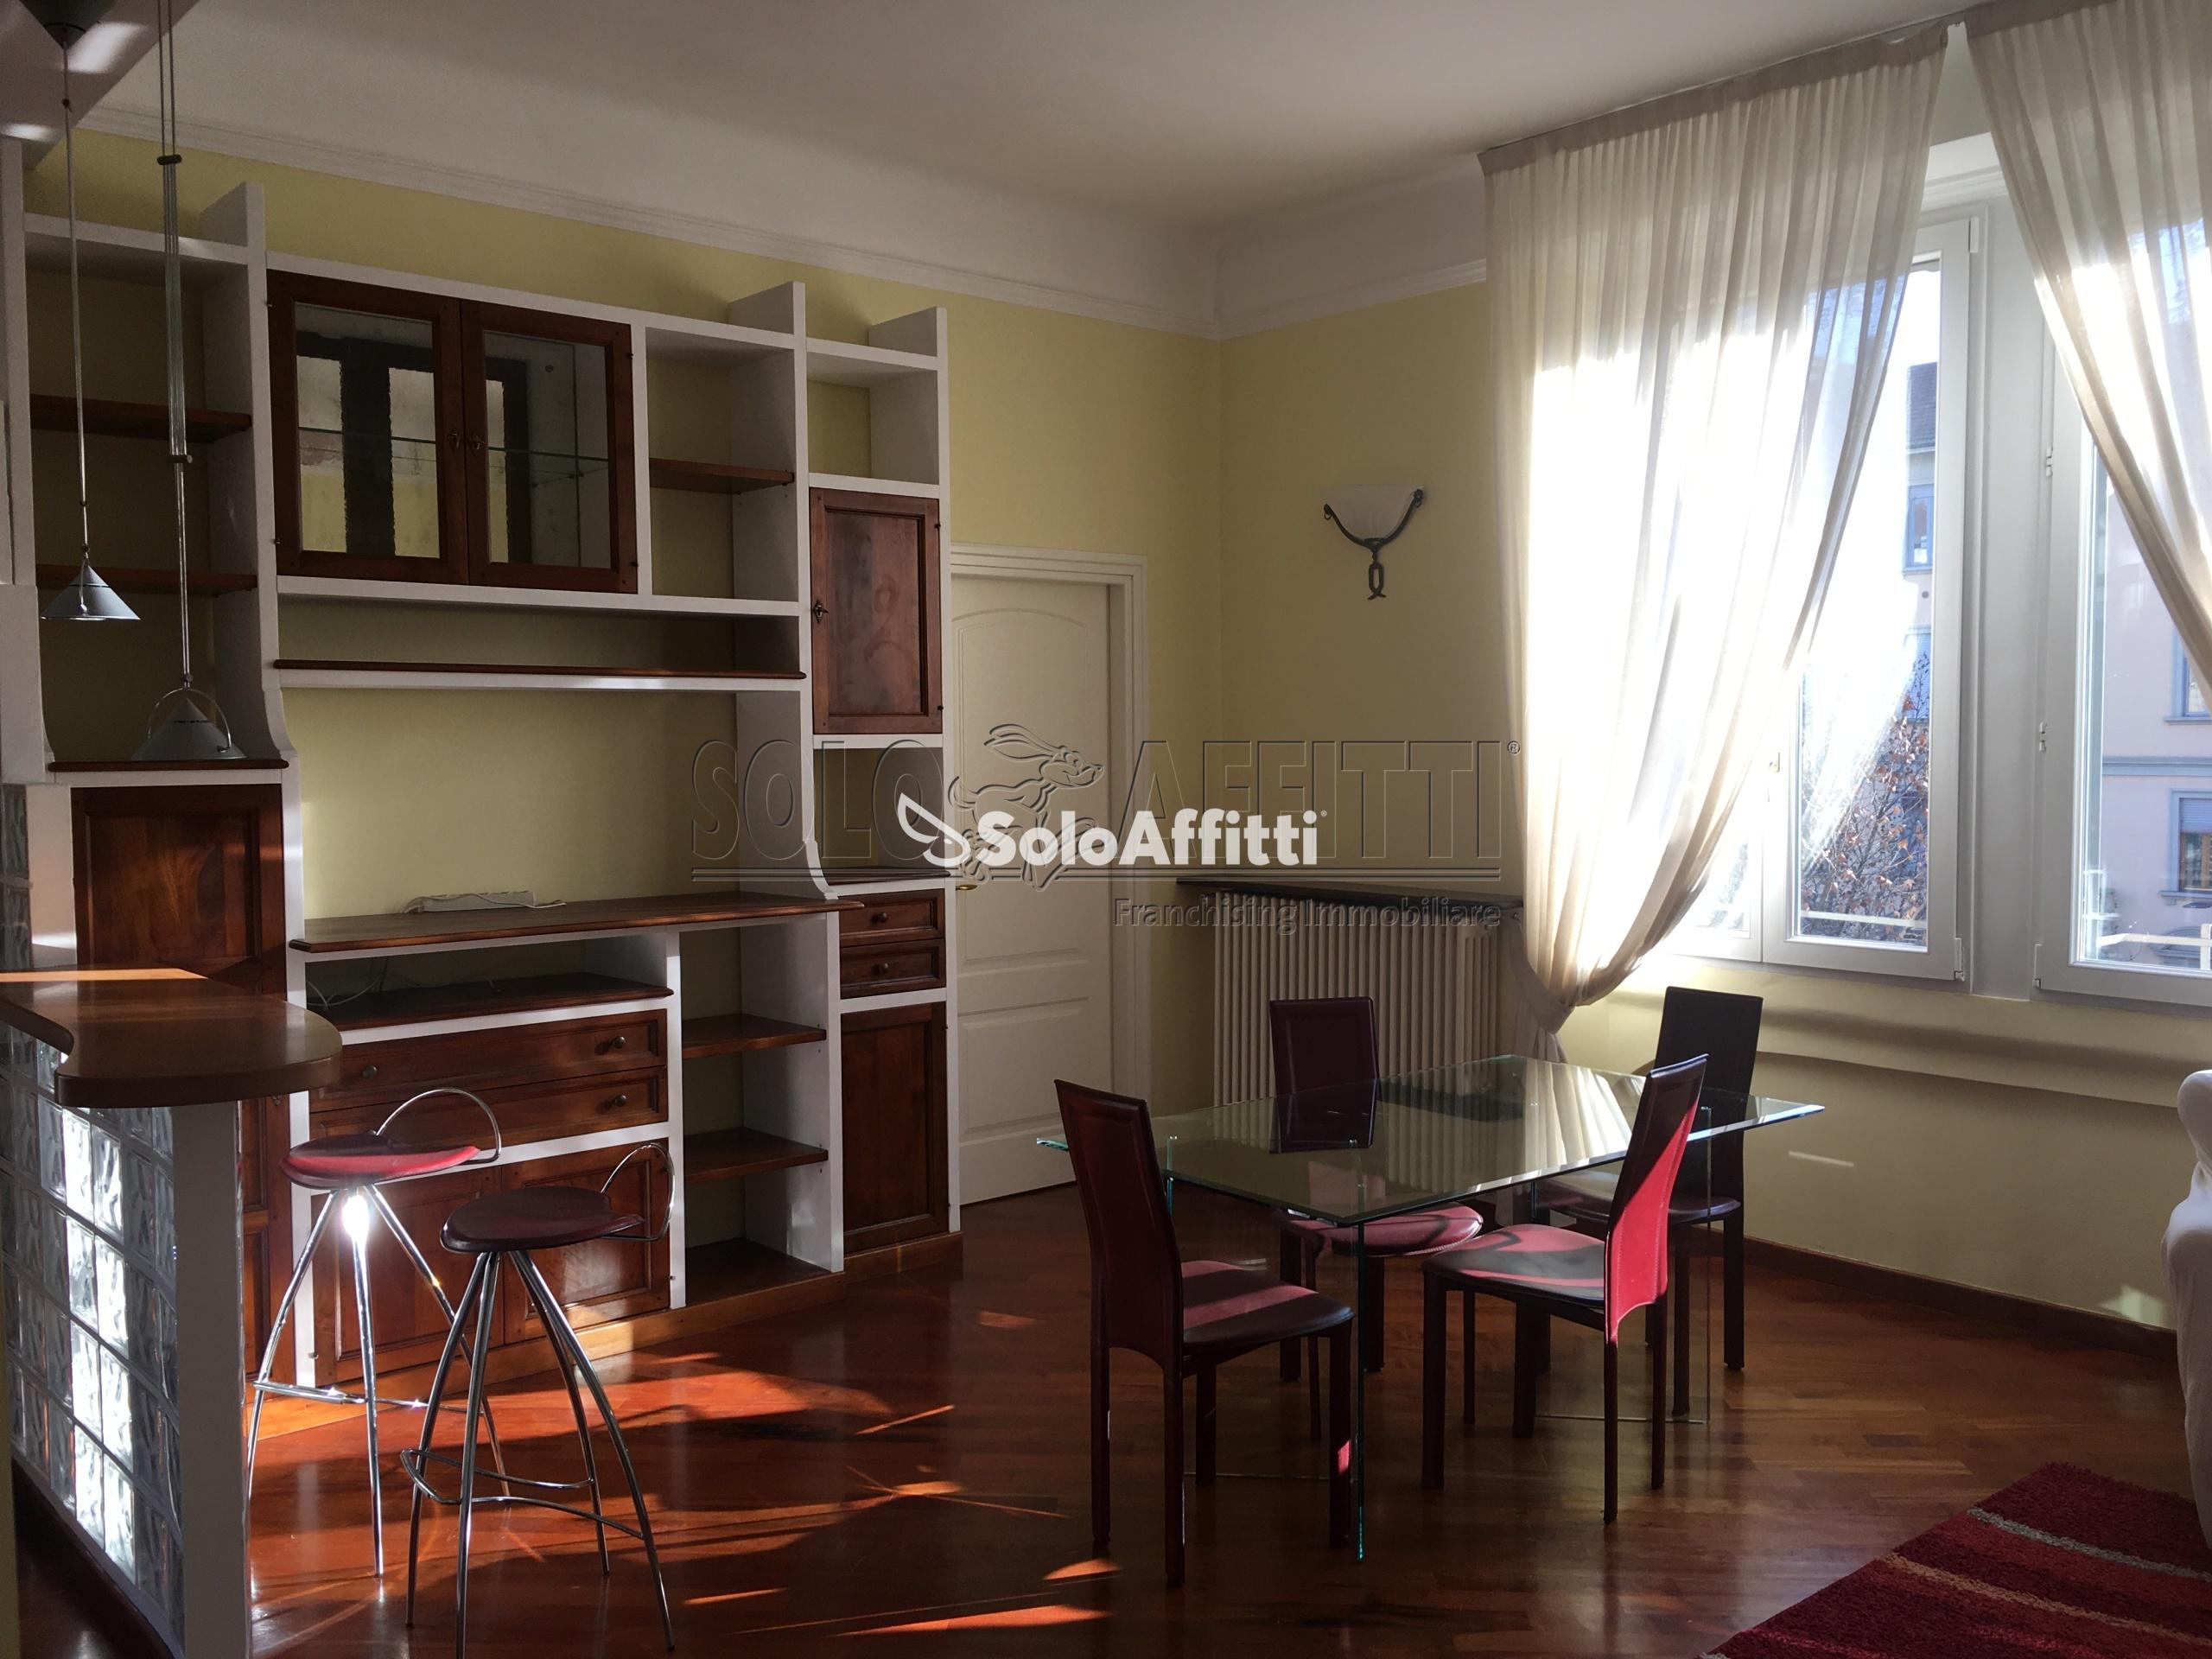 Affitto appartamento bilocale arredato 80 mq for Affitto lainate arredato